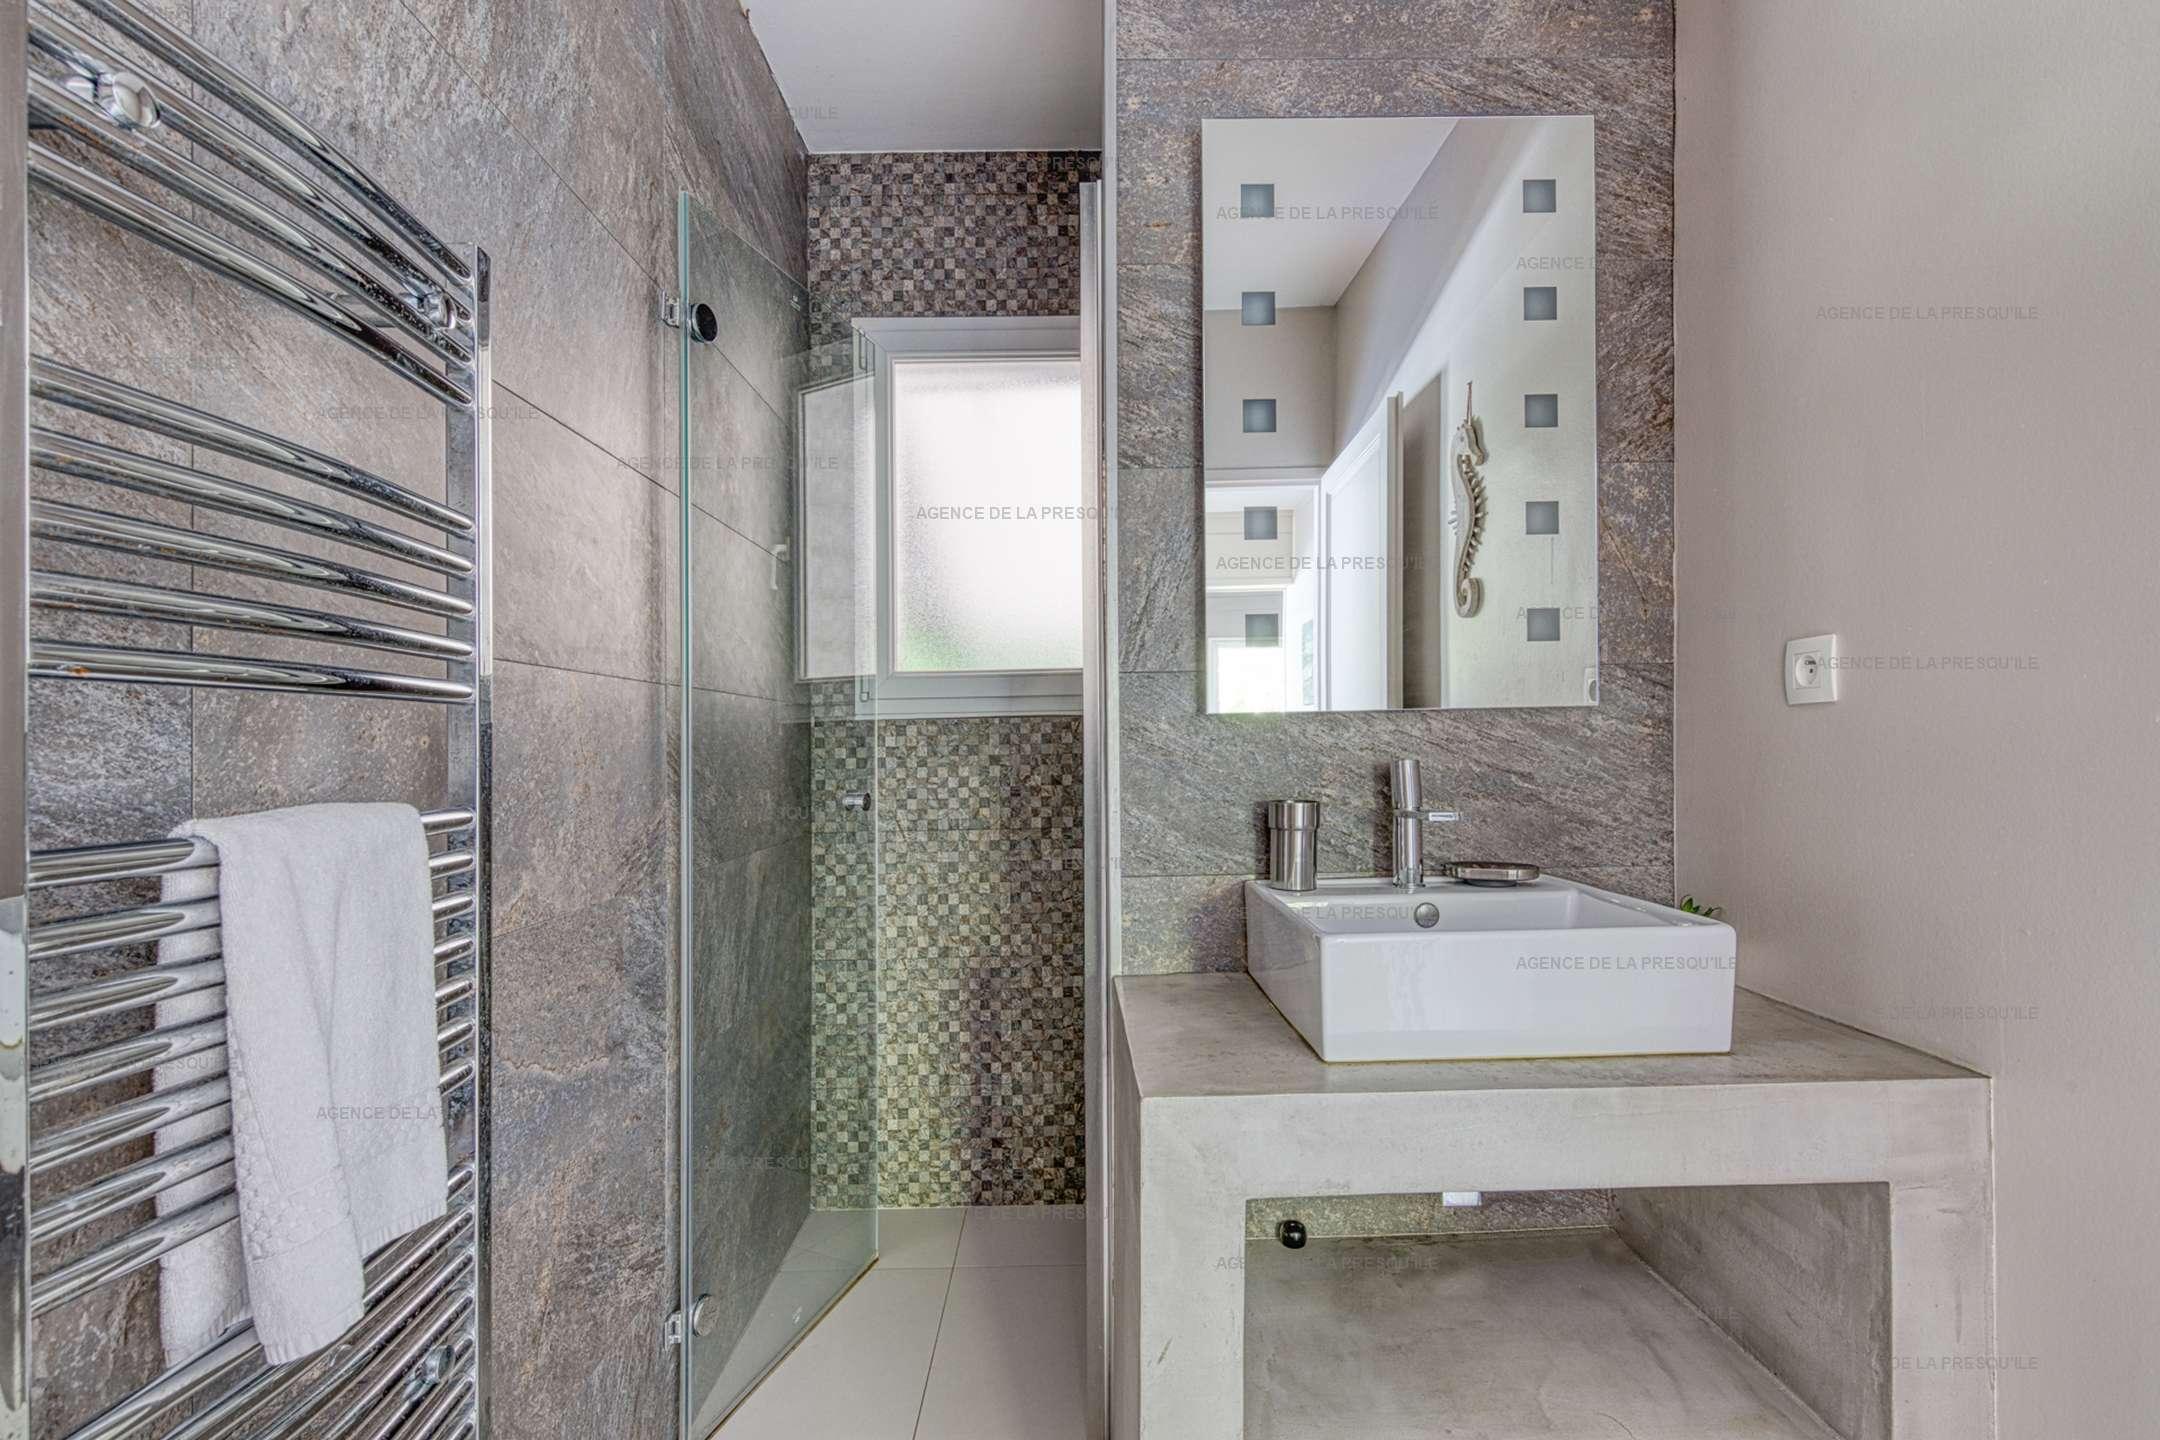 Location: Au calme, très belle villa en bois avec piscine chauffée 11